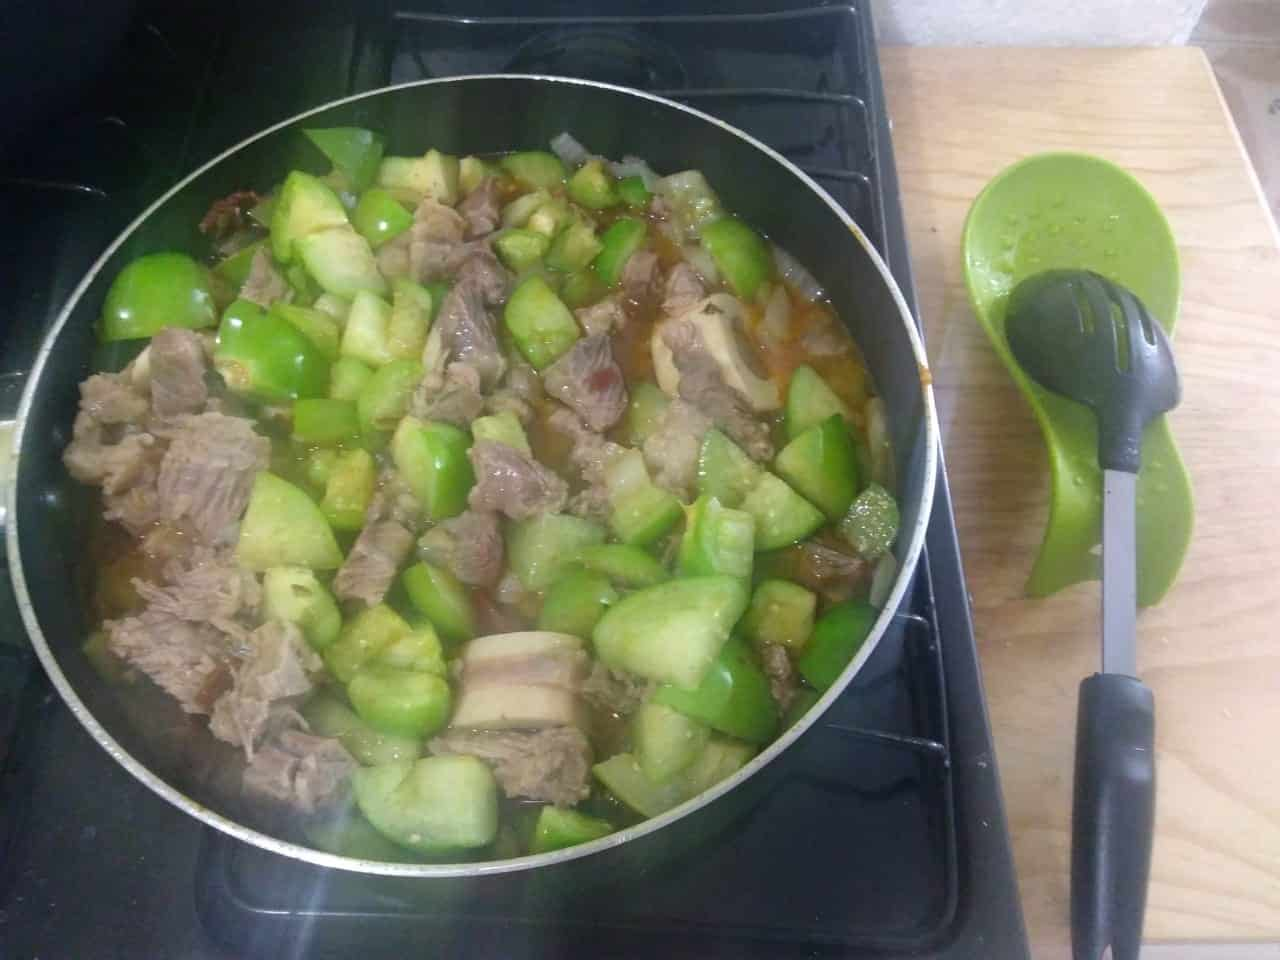 <p>Sofría en un poco de aceite la cebolla fileteada durante un par de minutos. Añada el tomate, los chiles chipotles, el chambarete, las puntas de res y un poco del caldo de cocción del chambarete. Deje que la preparación se cocine durante 15 minutos.</p>